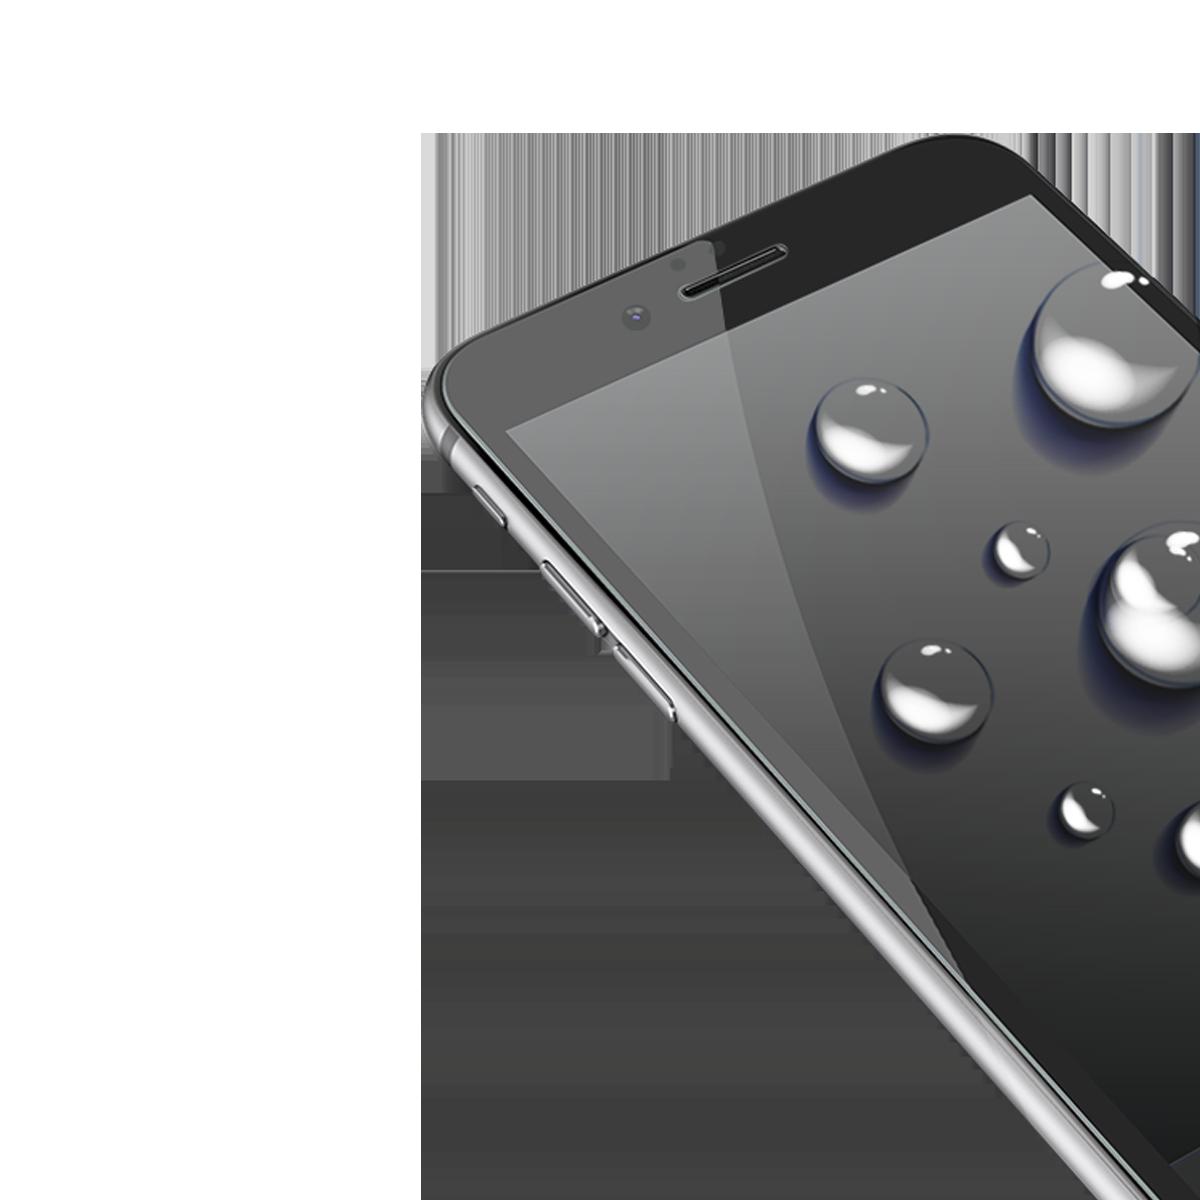 iPhone 6/6S için spada Comfort Tam kaplayan Siyah Ekran koruma camı